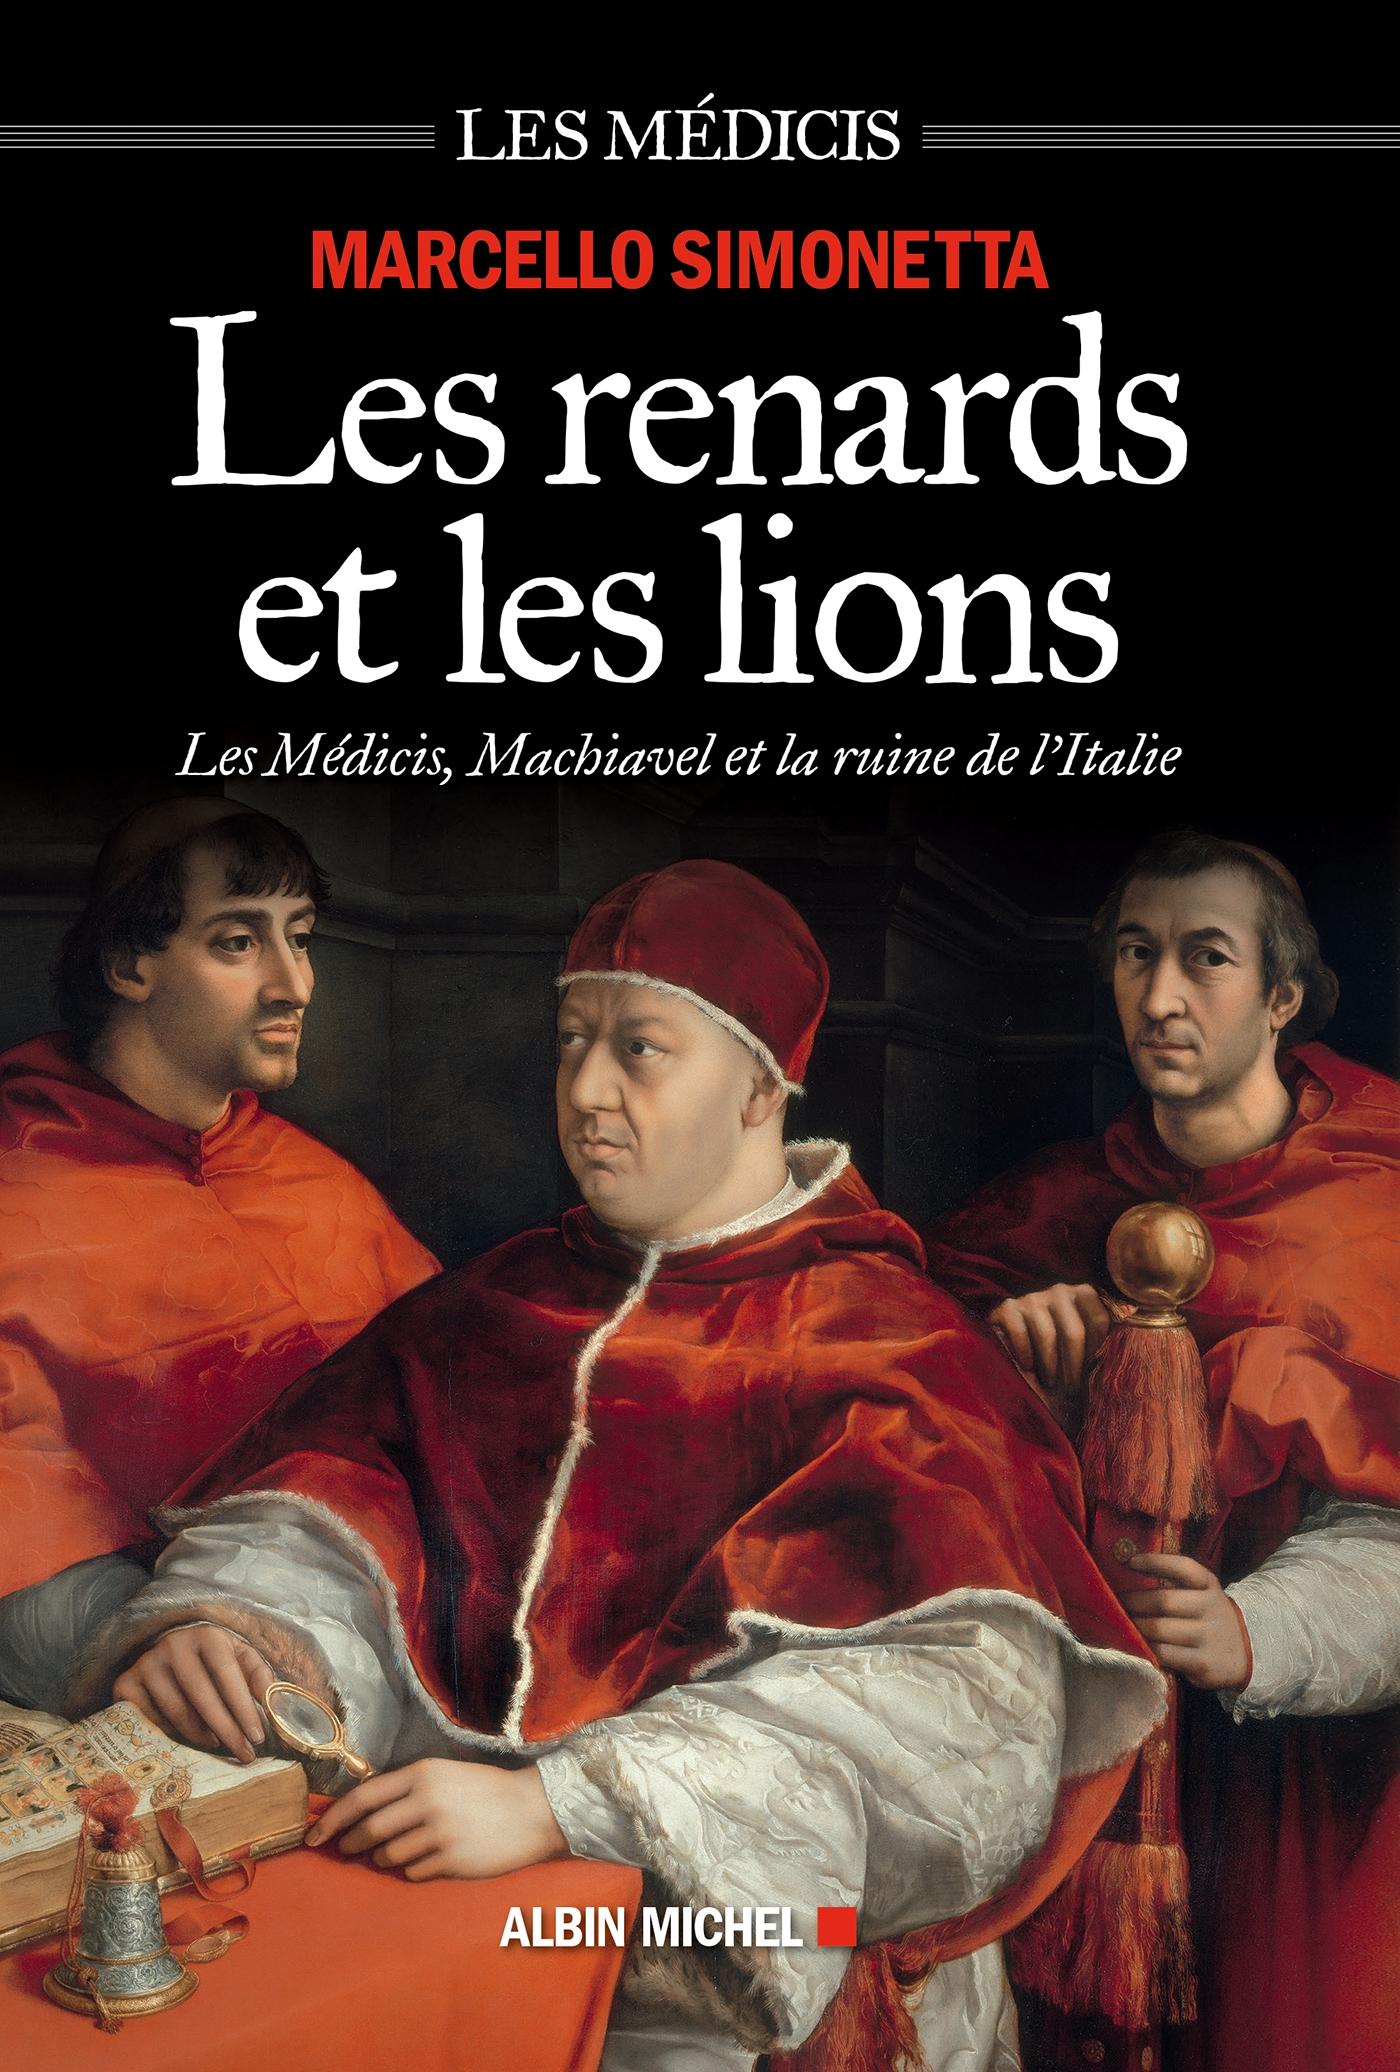 Les Renards et les lions | Simonetta, Marcello. Auteur